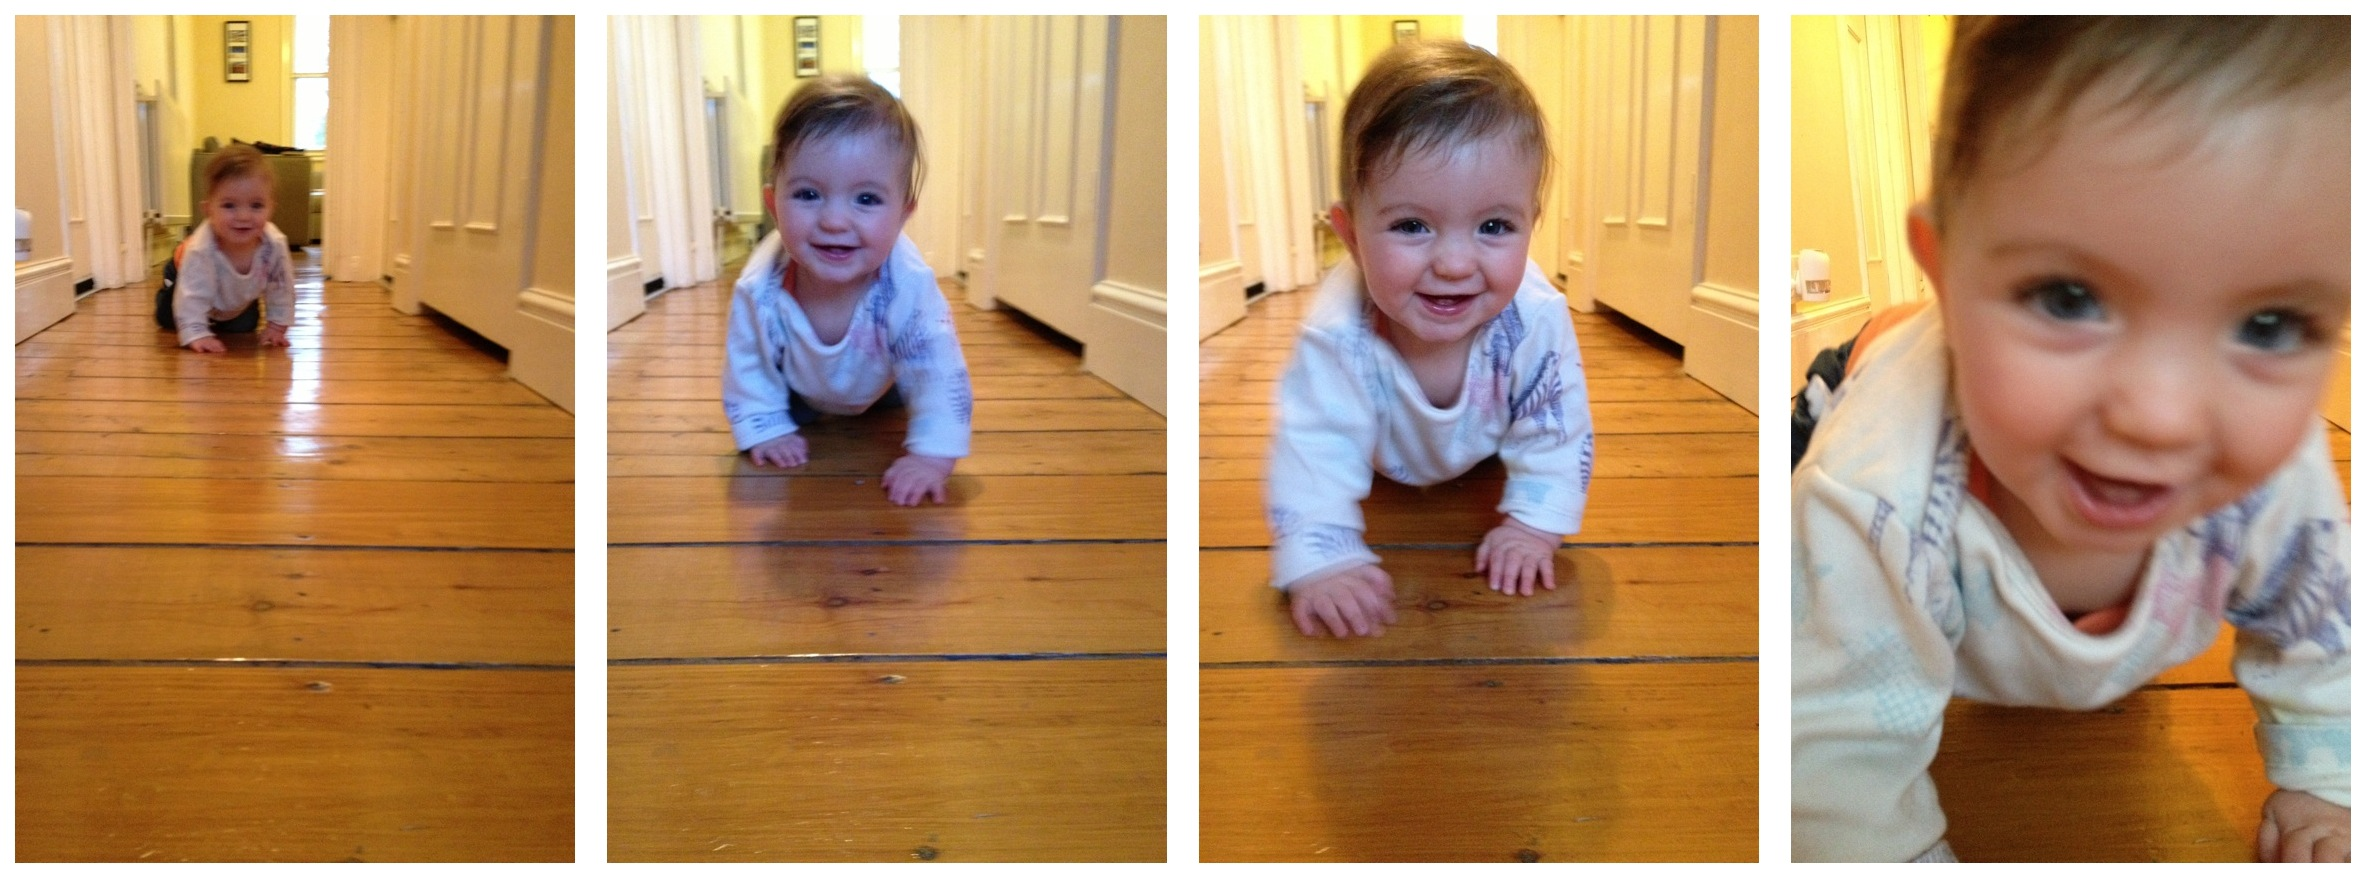 Eliza, 11 months